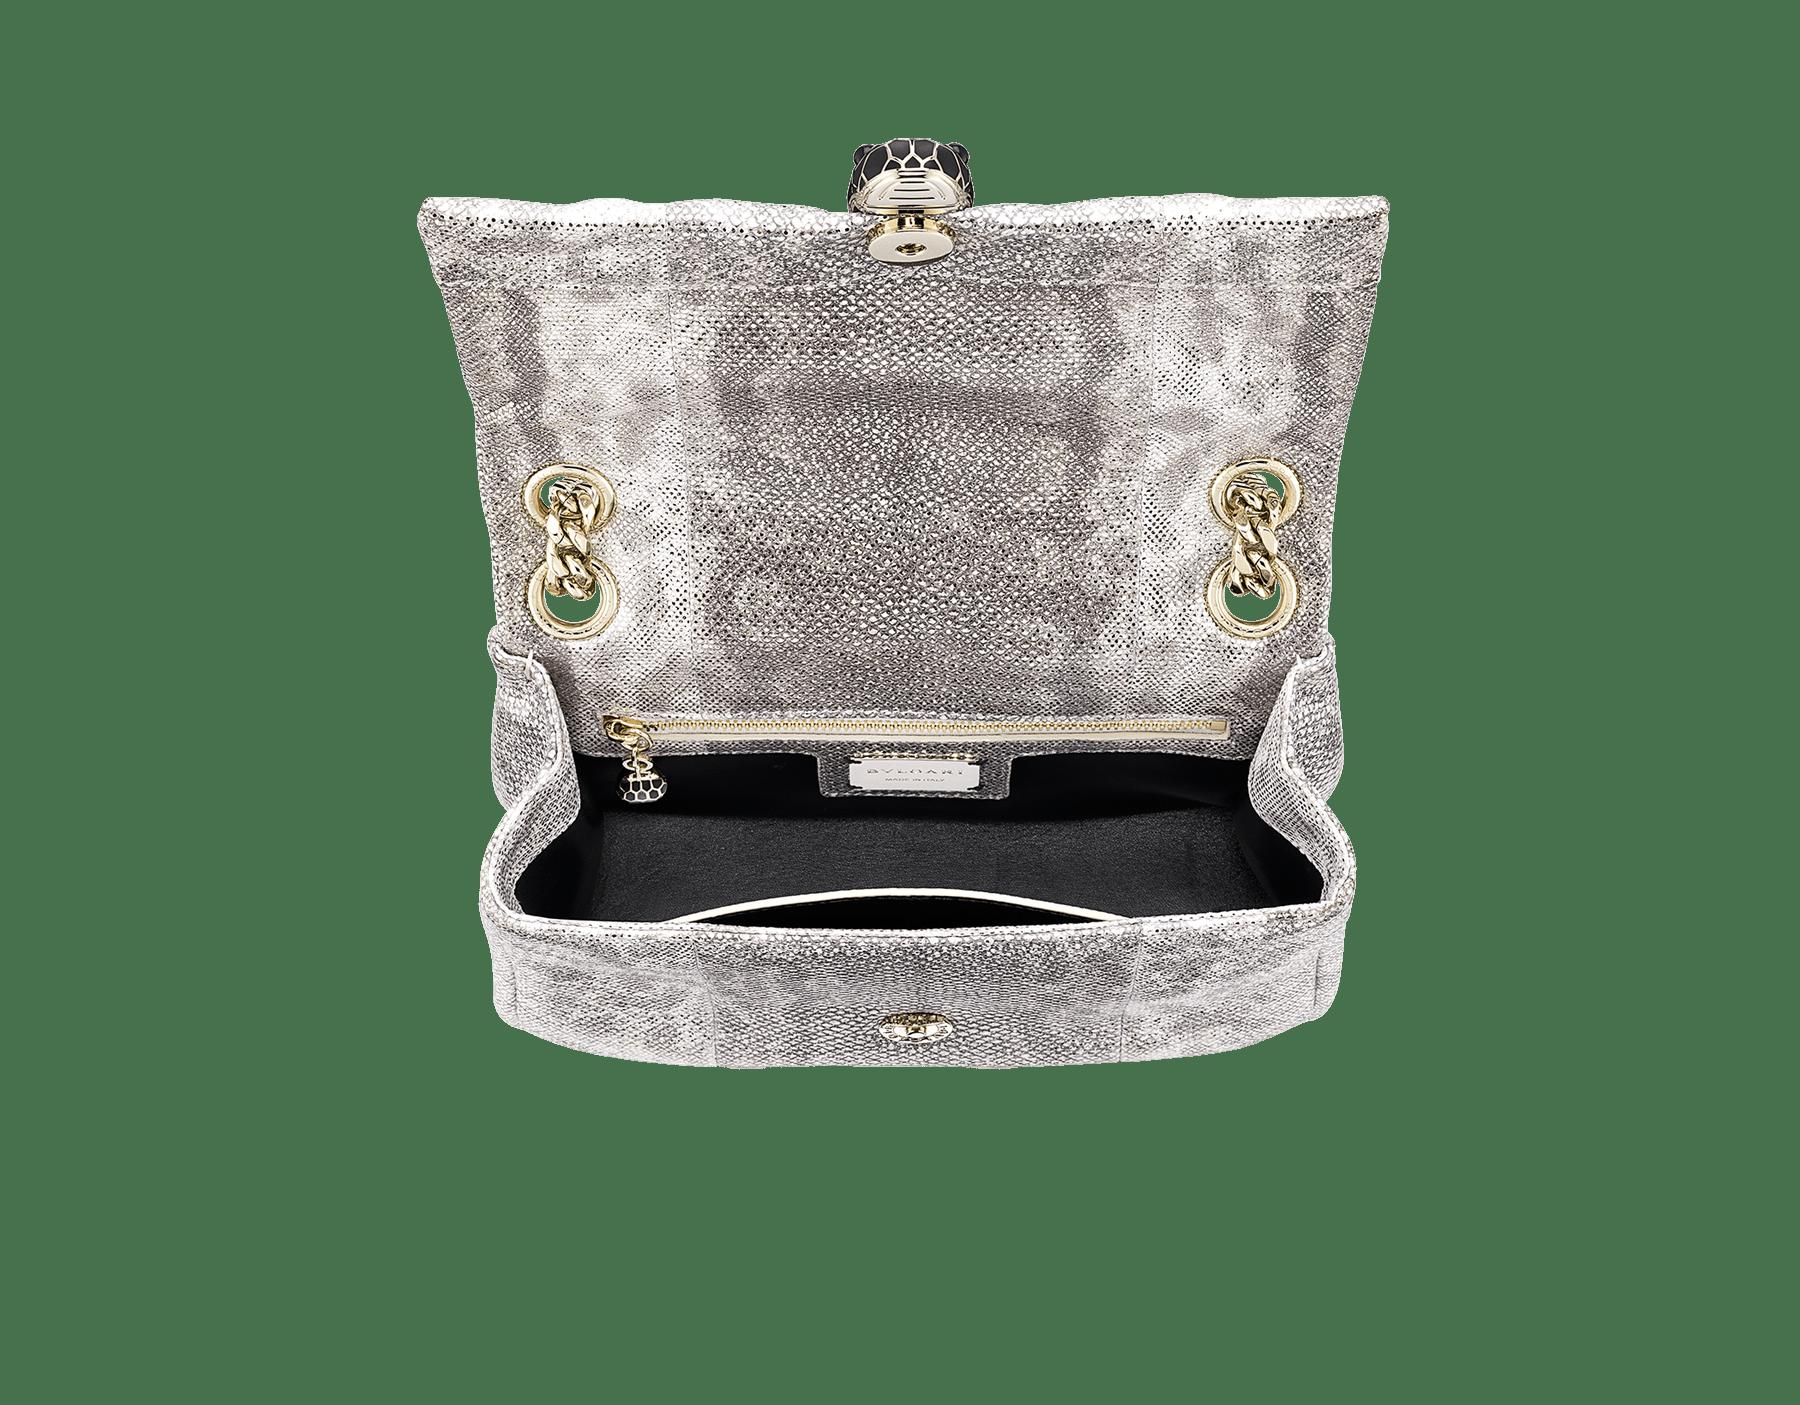 Сумка на плечо Serpenti Cabochon, мягкая кожа змеи карунг алмазно-угольного цвета сметаллизированным эффектом играфичной стеганой отделкой. Застежка в виде змеиной головы из латуни спокрытием изсветлого золота, матовая эмаль черного цвета, блестящая эмаль алмазно-угольного цвета, глаза изчерного оникса. 981-MK image 4